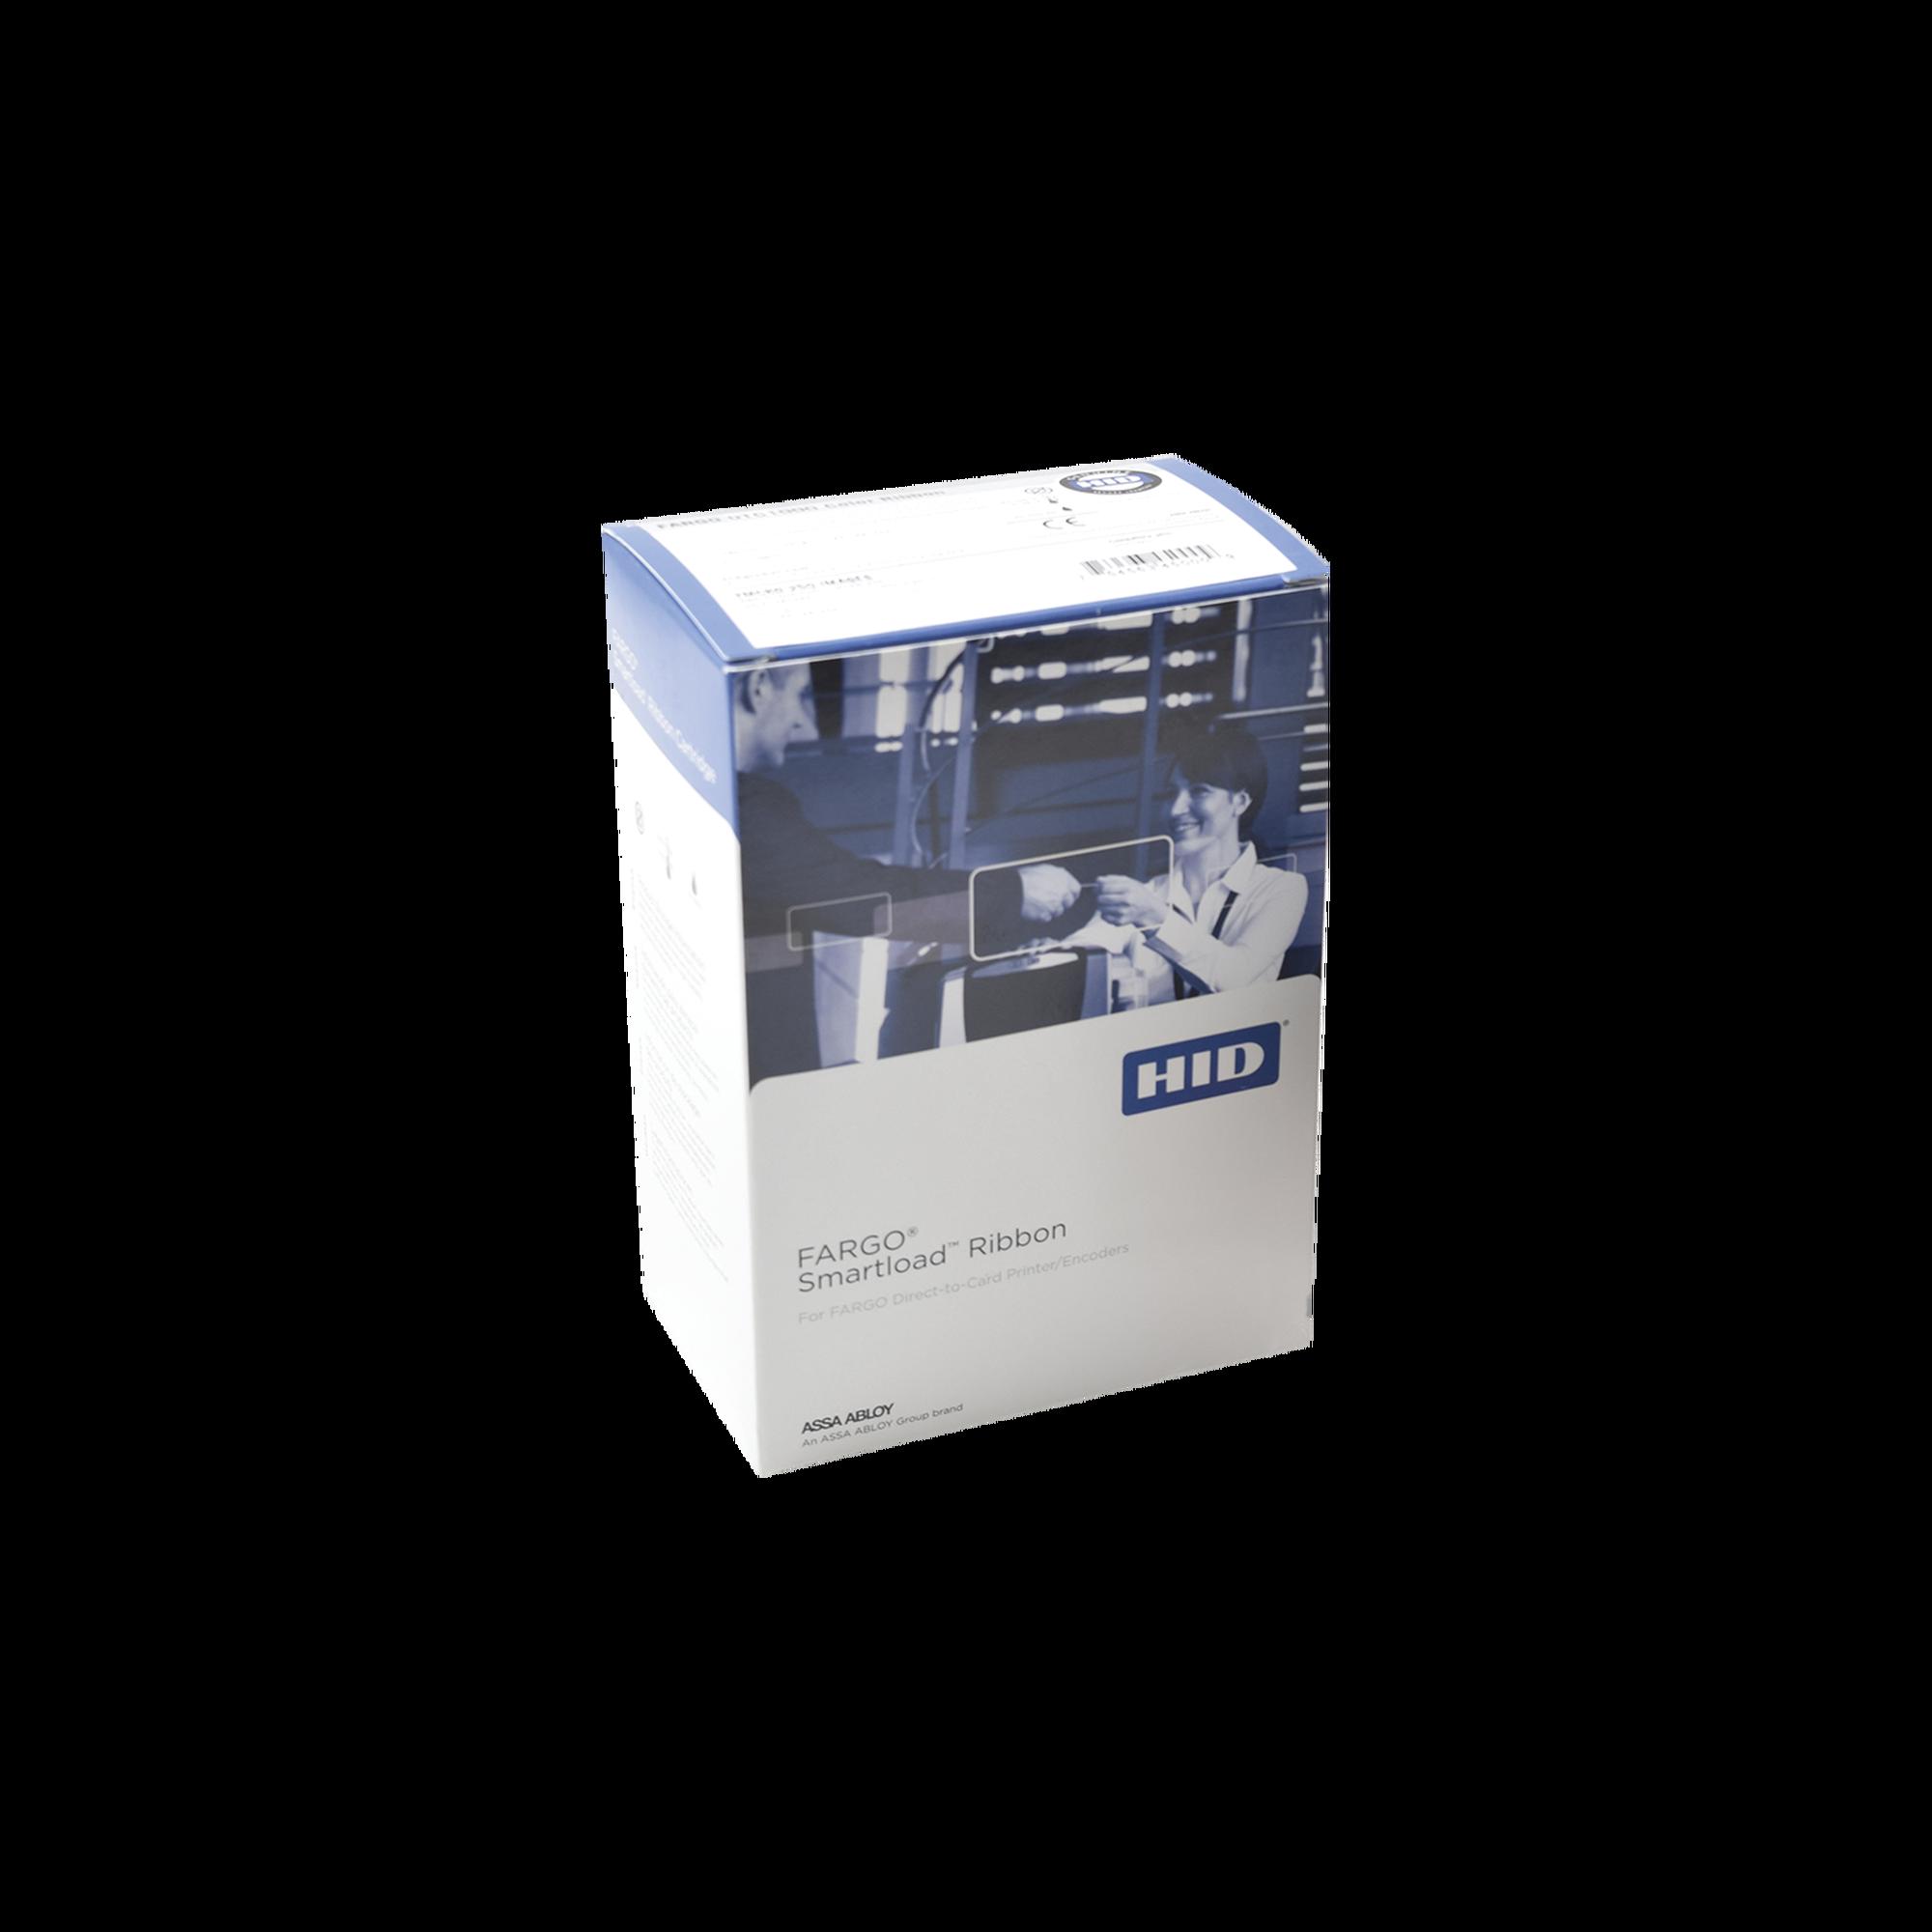 Cartucho con Ribbon de Medio panel full color / 350 impresiones / Para DTC1250, DTC1000 y C50.